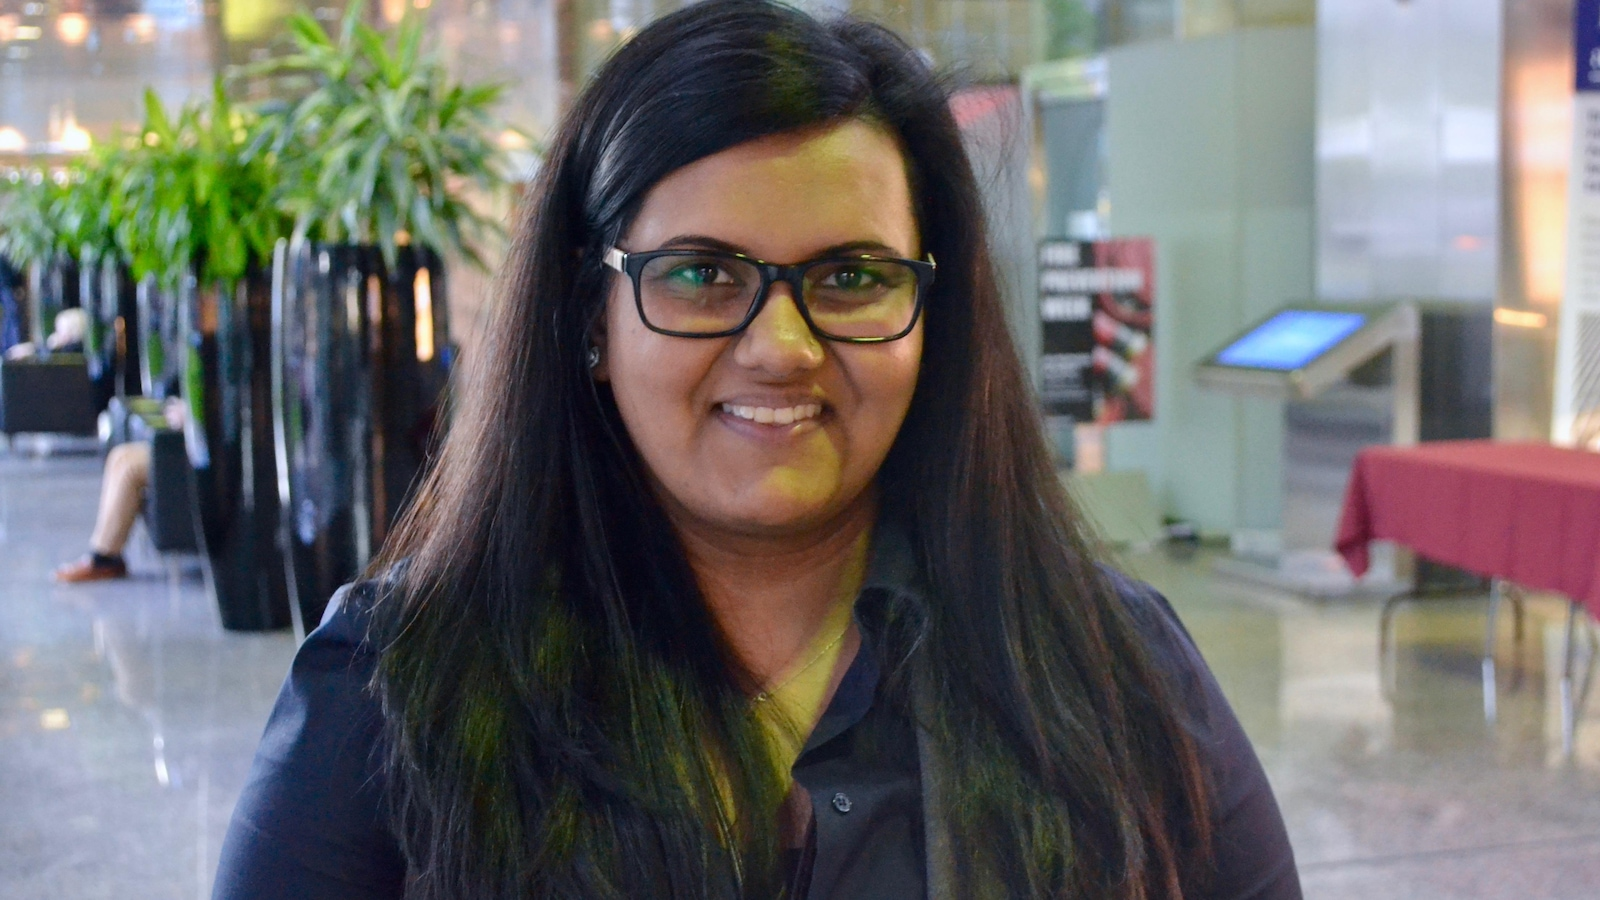 Une jeune femme photographiée dans un édifice gouvernemental